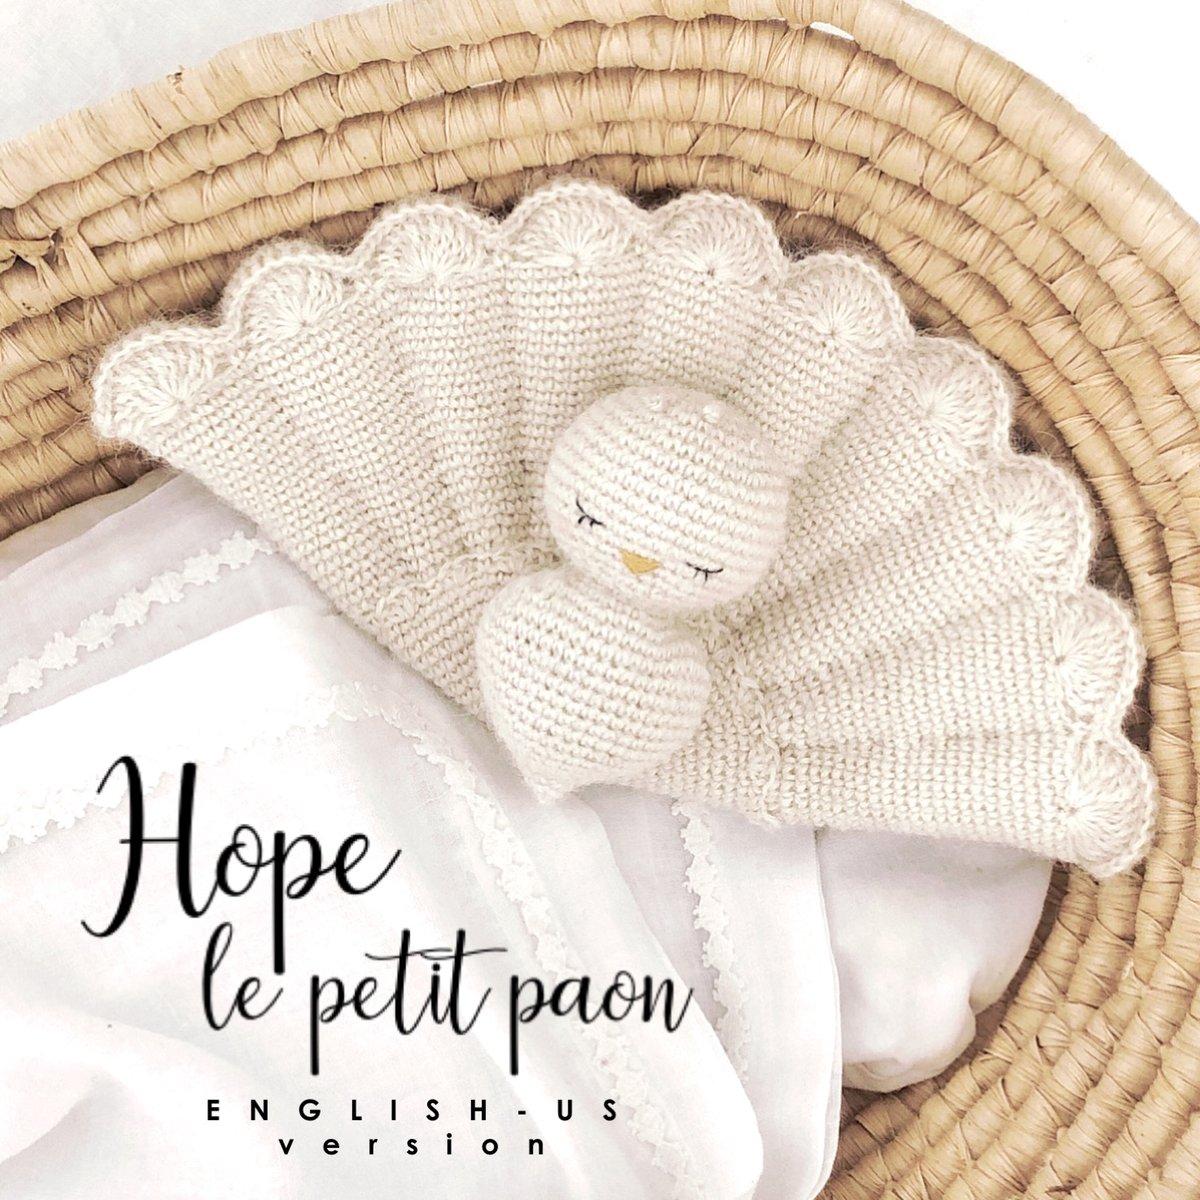 Image of English Pattern HOPE LE PETIT PAON